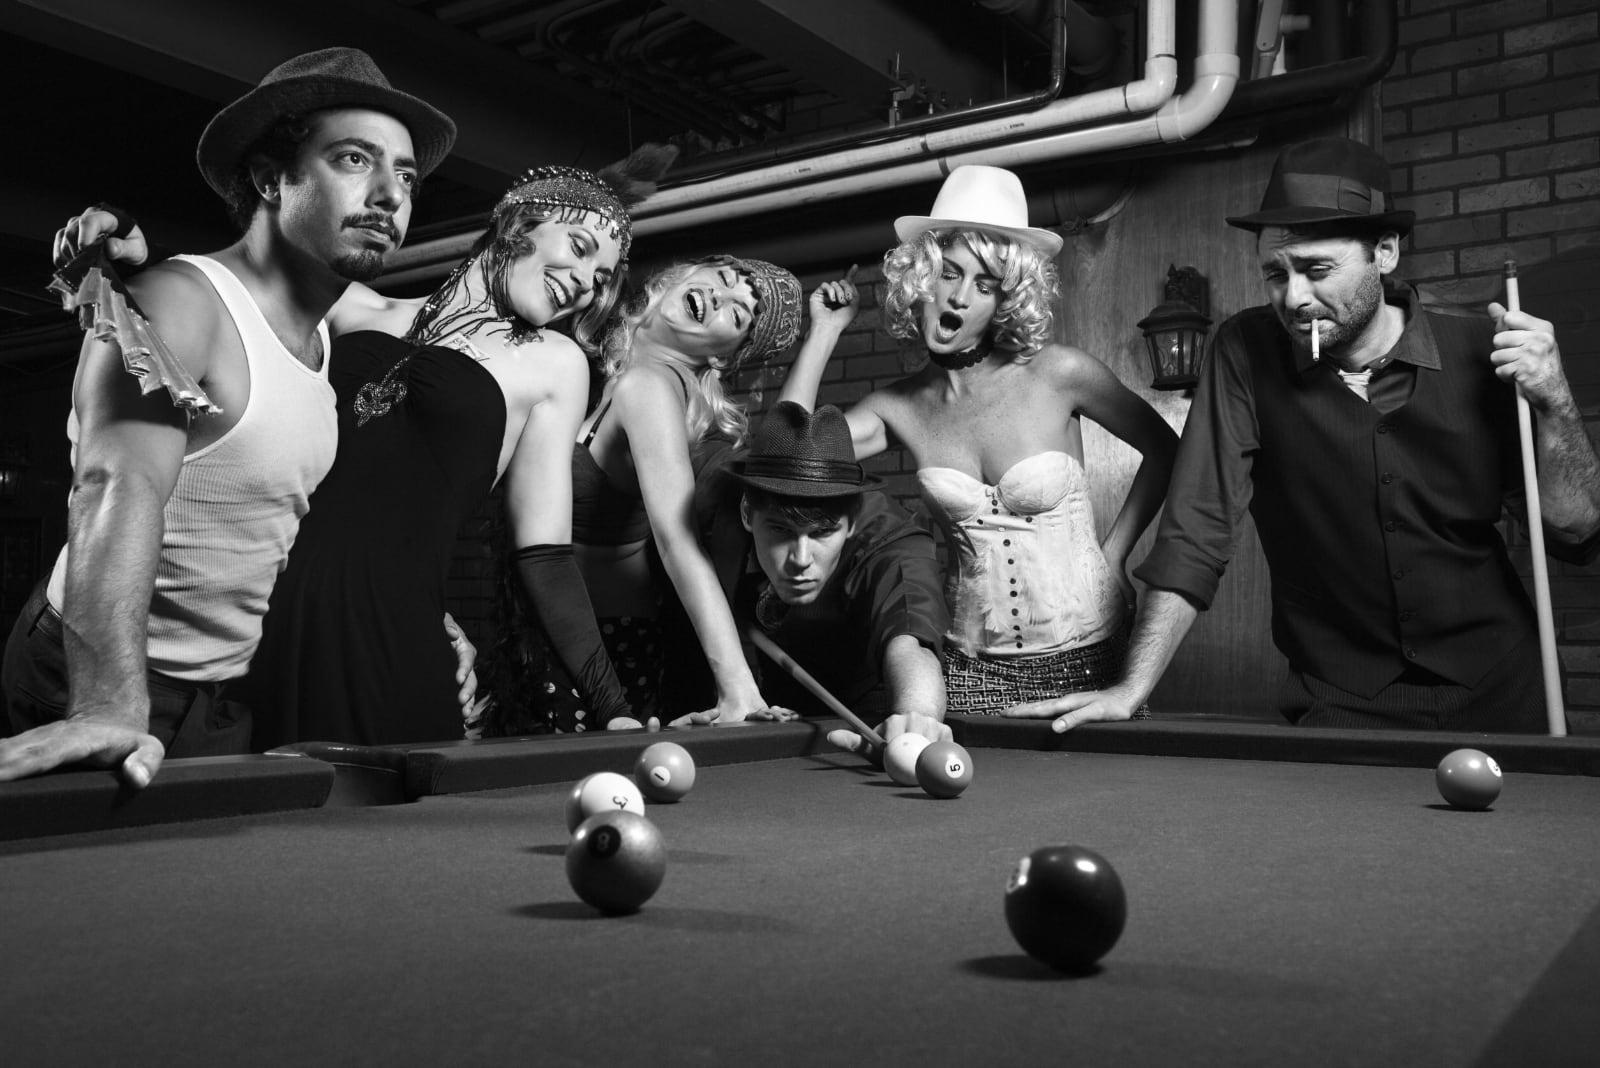 Drie dames en drie heren bij biljarttafel in ouderwetse zwart-wit kleuren